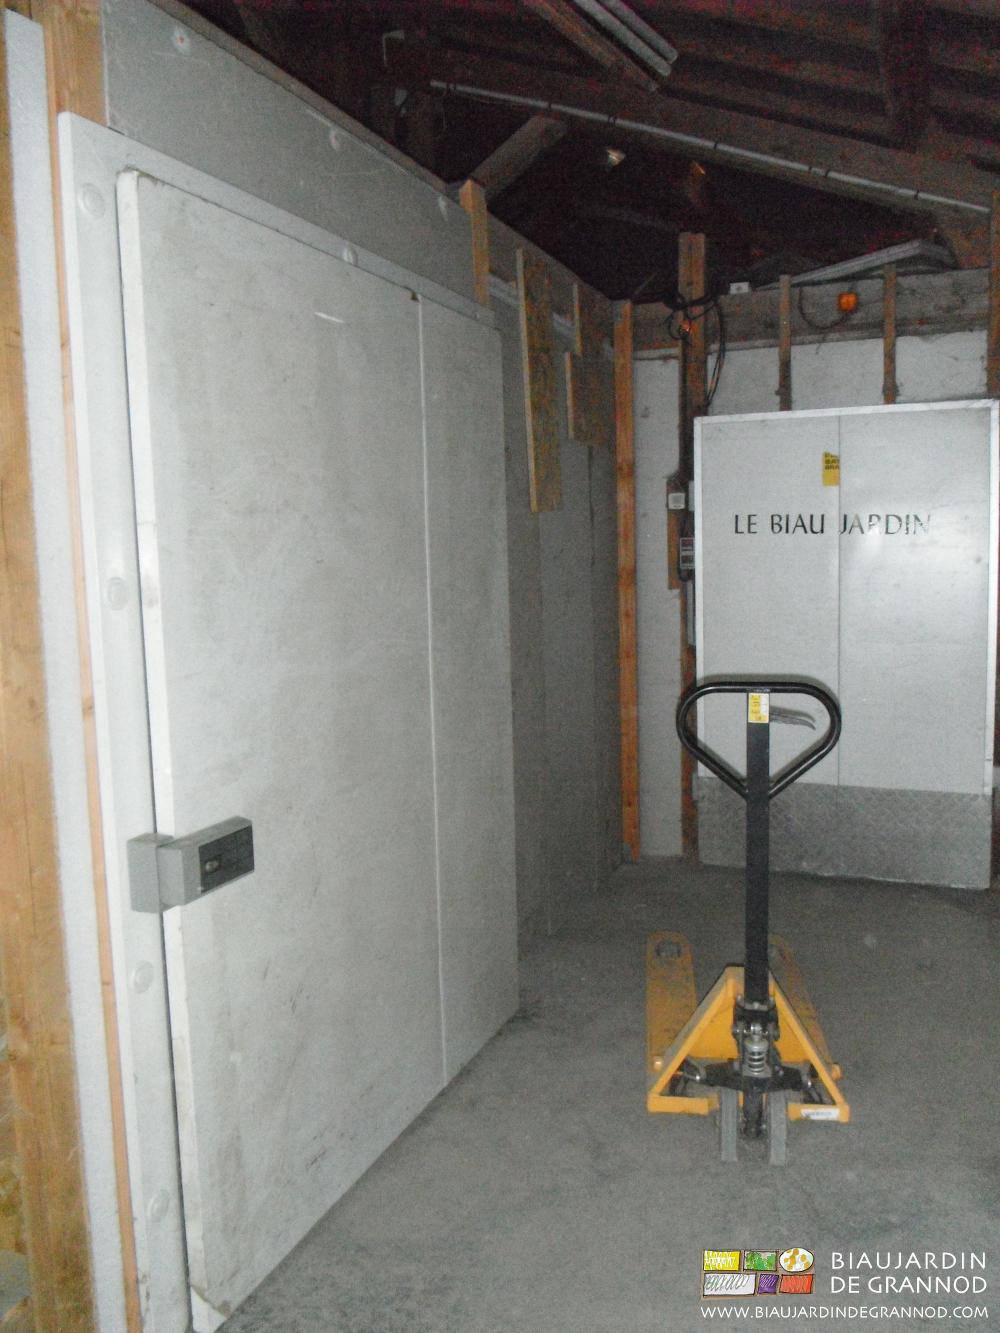 Un transpalette en permanence à l'étage permet de le valoriser pour des rangements et stockages assez importants sans empilement.